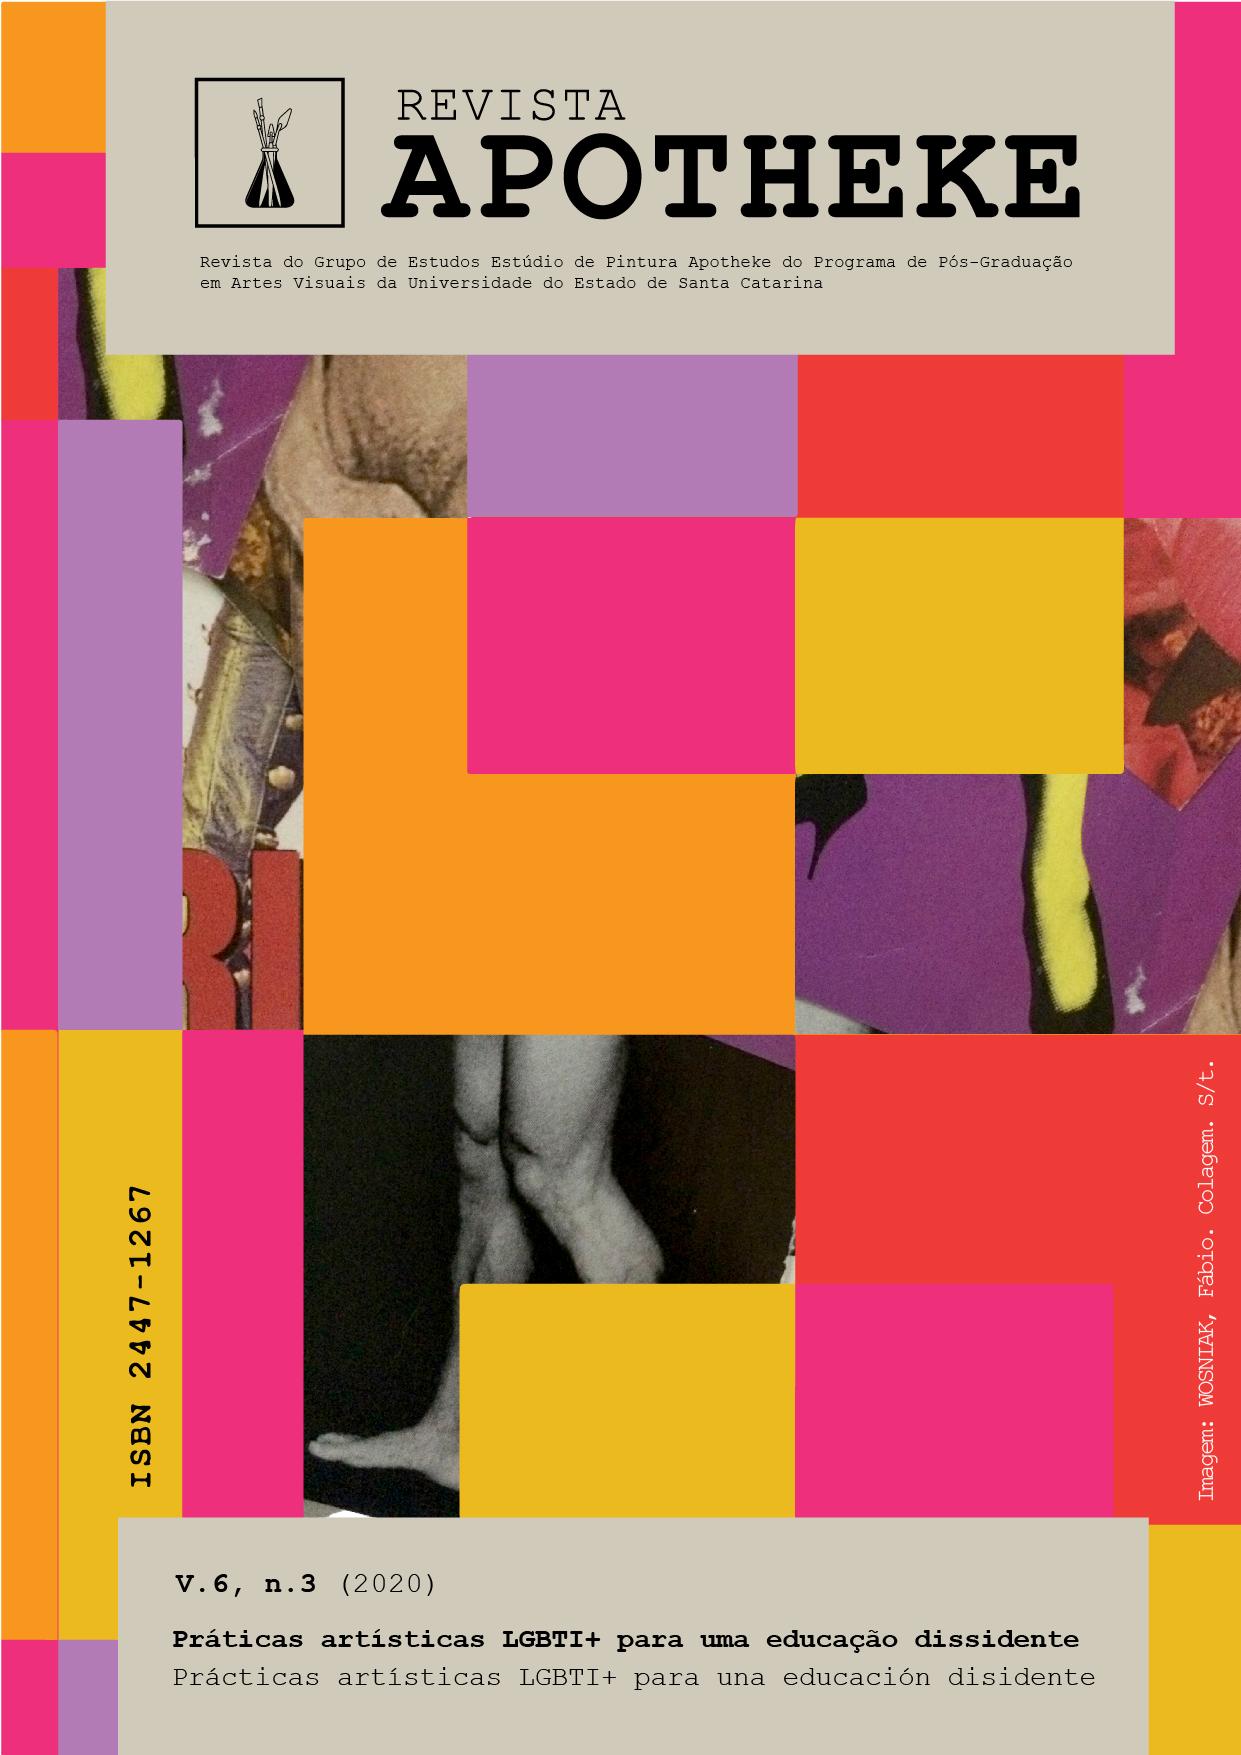 Visualizar v. 6 n. 3 (2020): Práticas artísticas LGBTI+ para uma educação dissidente